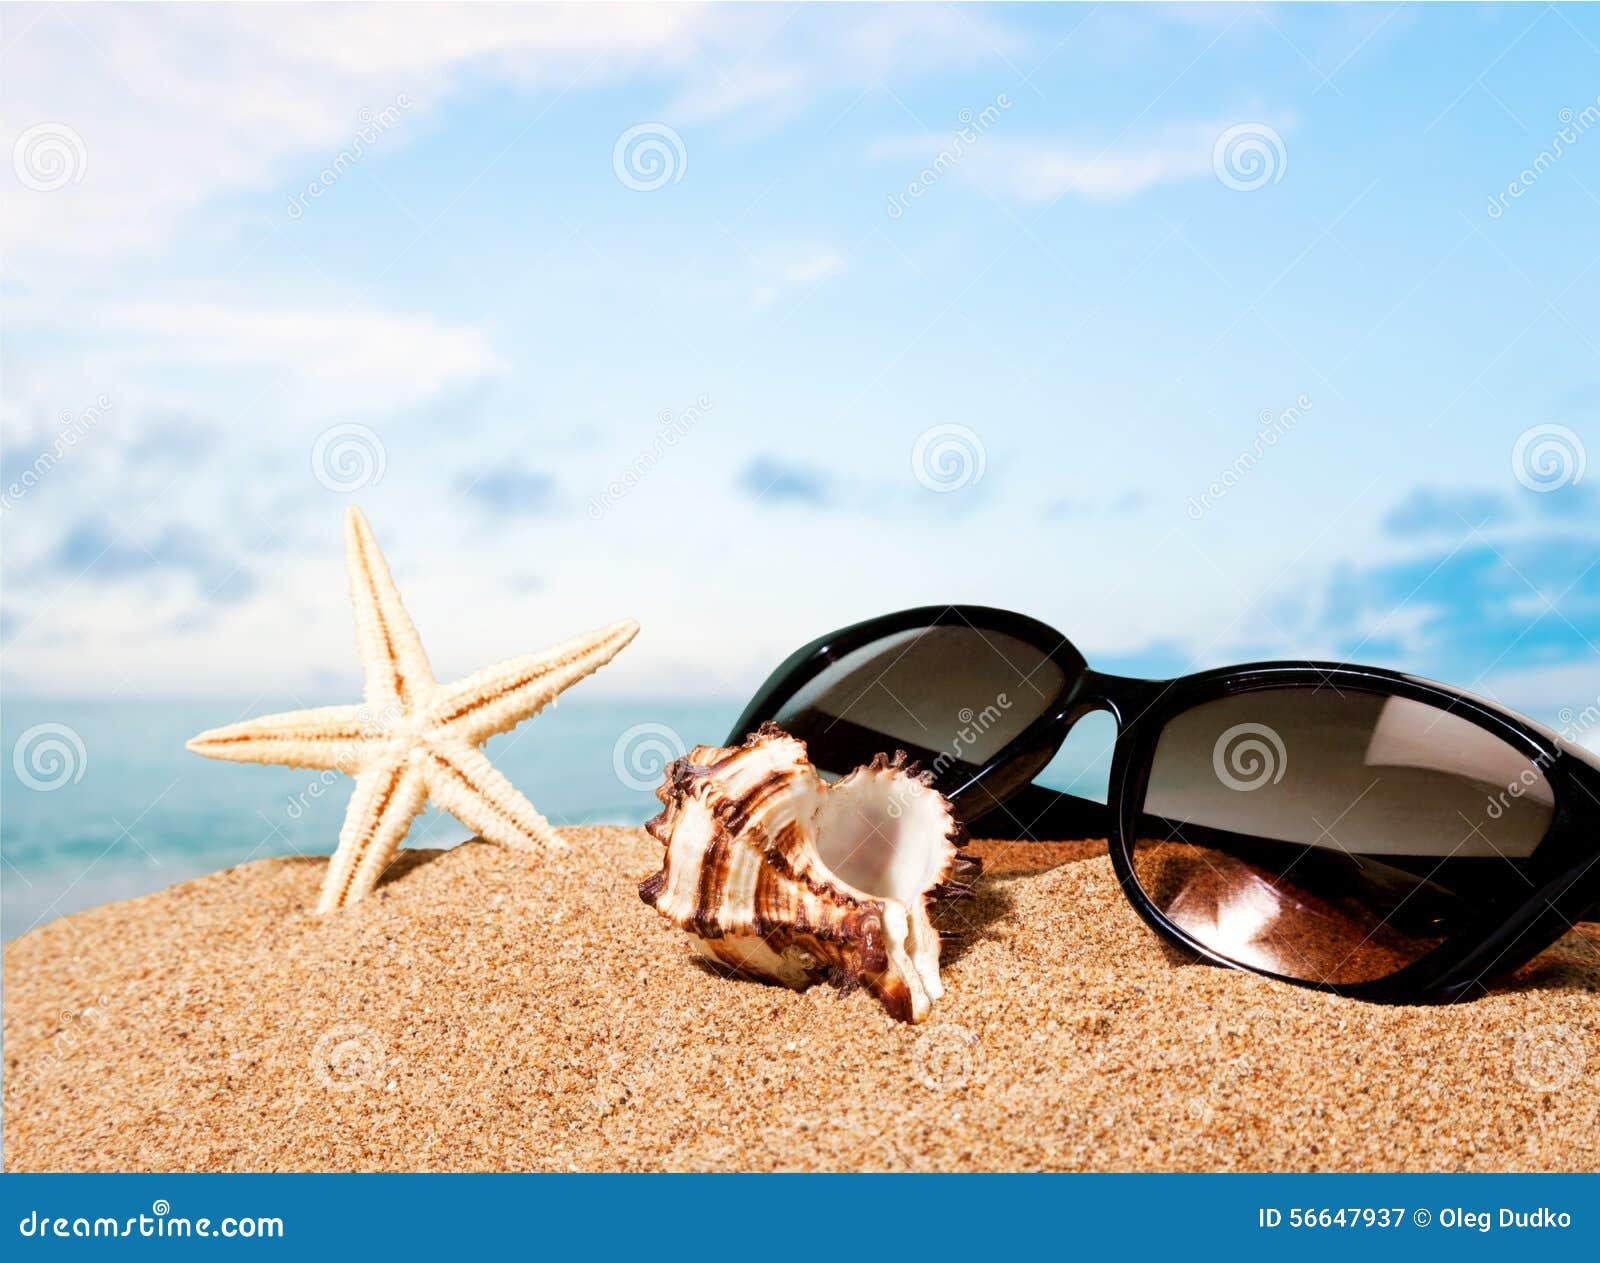 Playas arena sol imagen de archivo imagen de estrella for Arena de playa precio